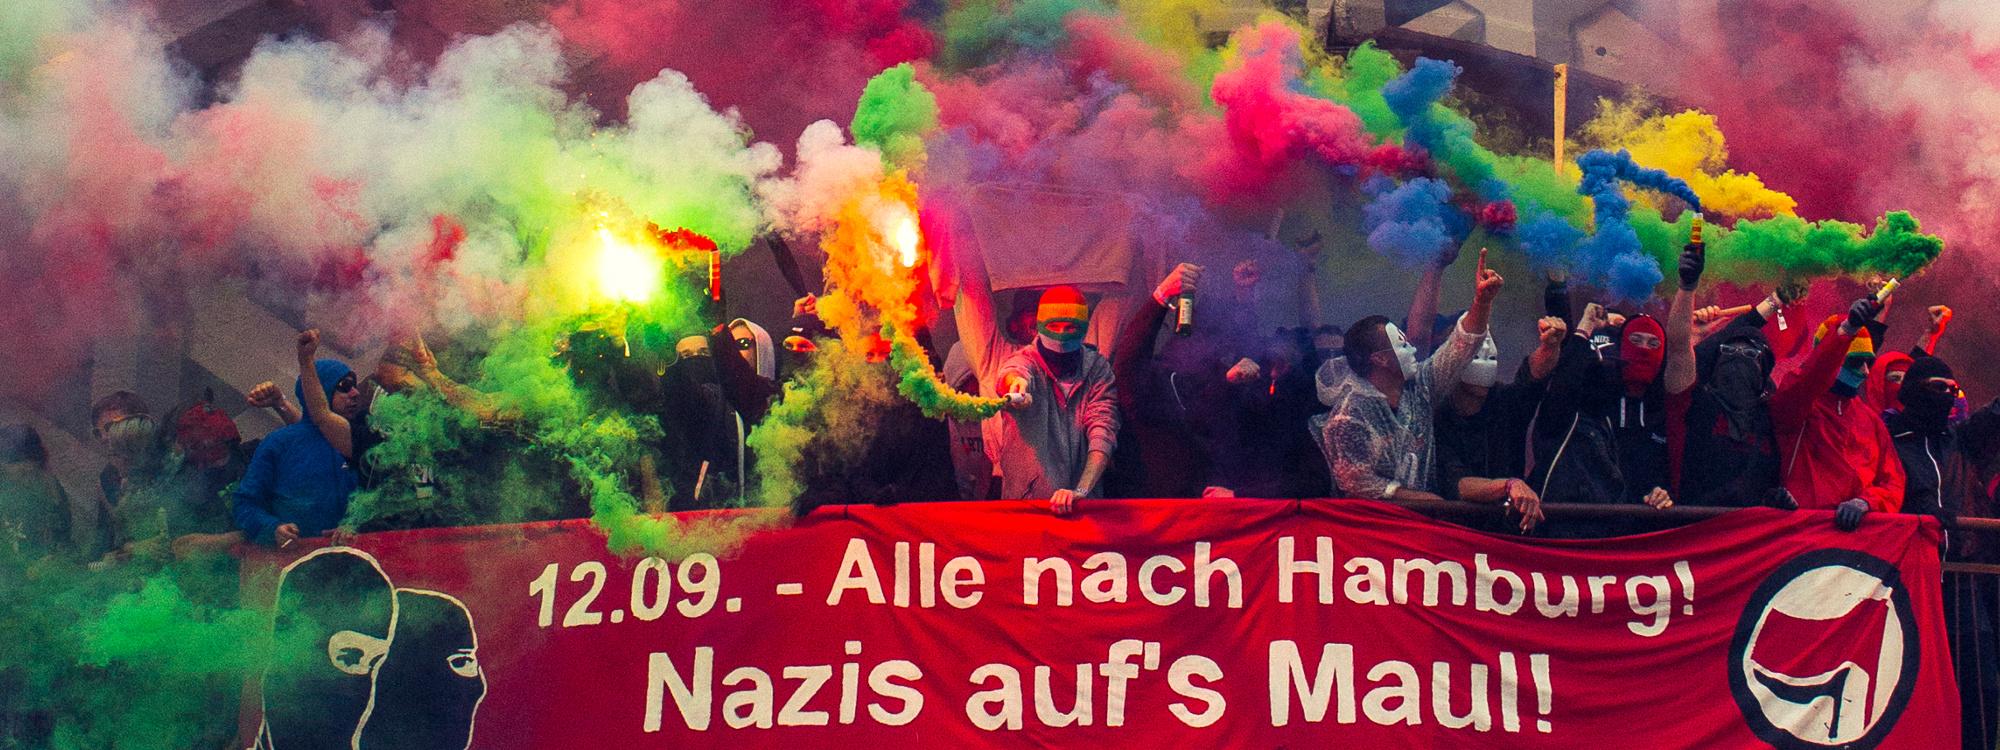 Bildergebnis für antifa nazis aufs maul